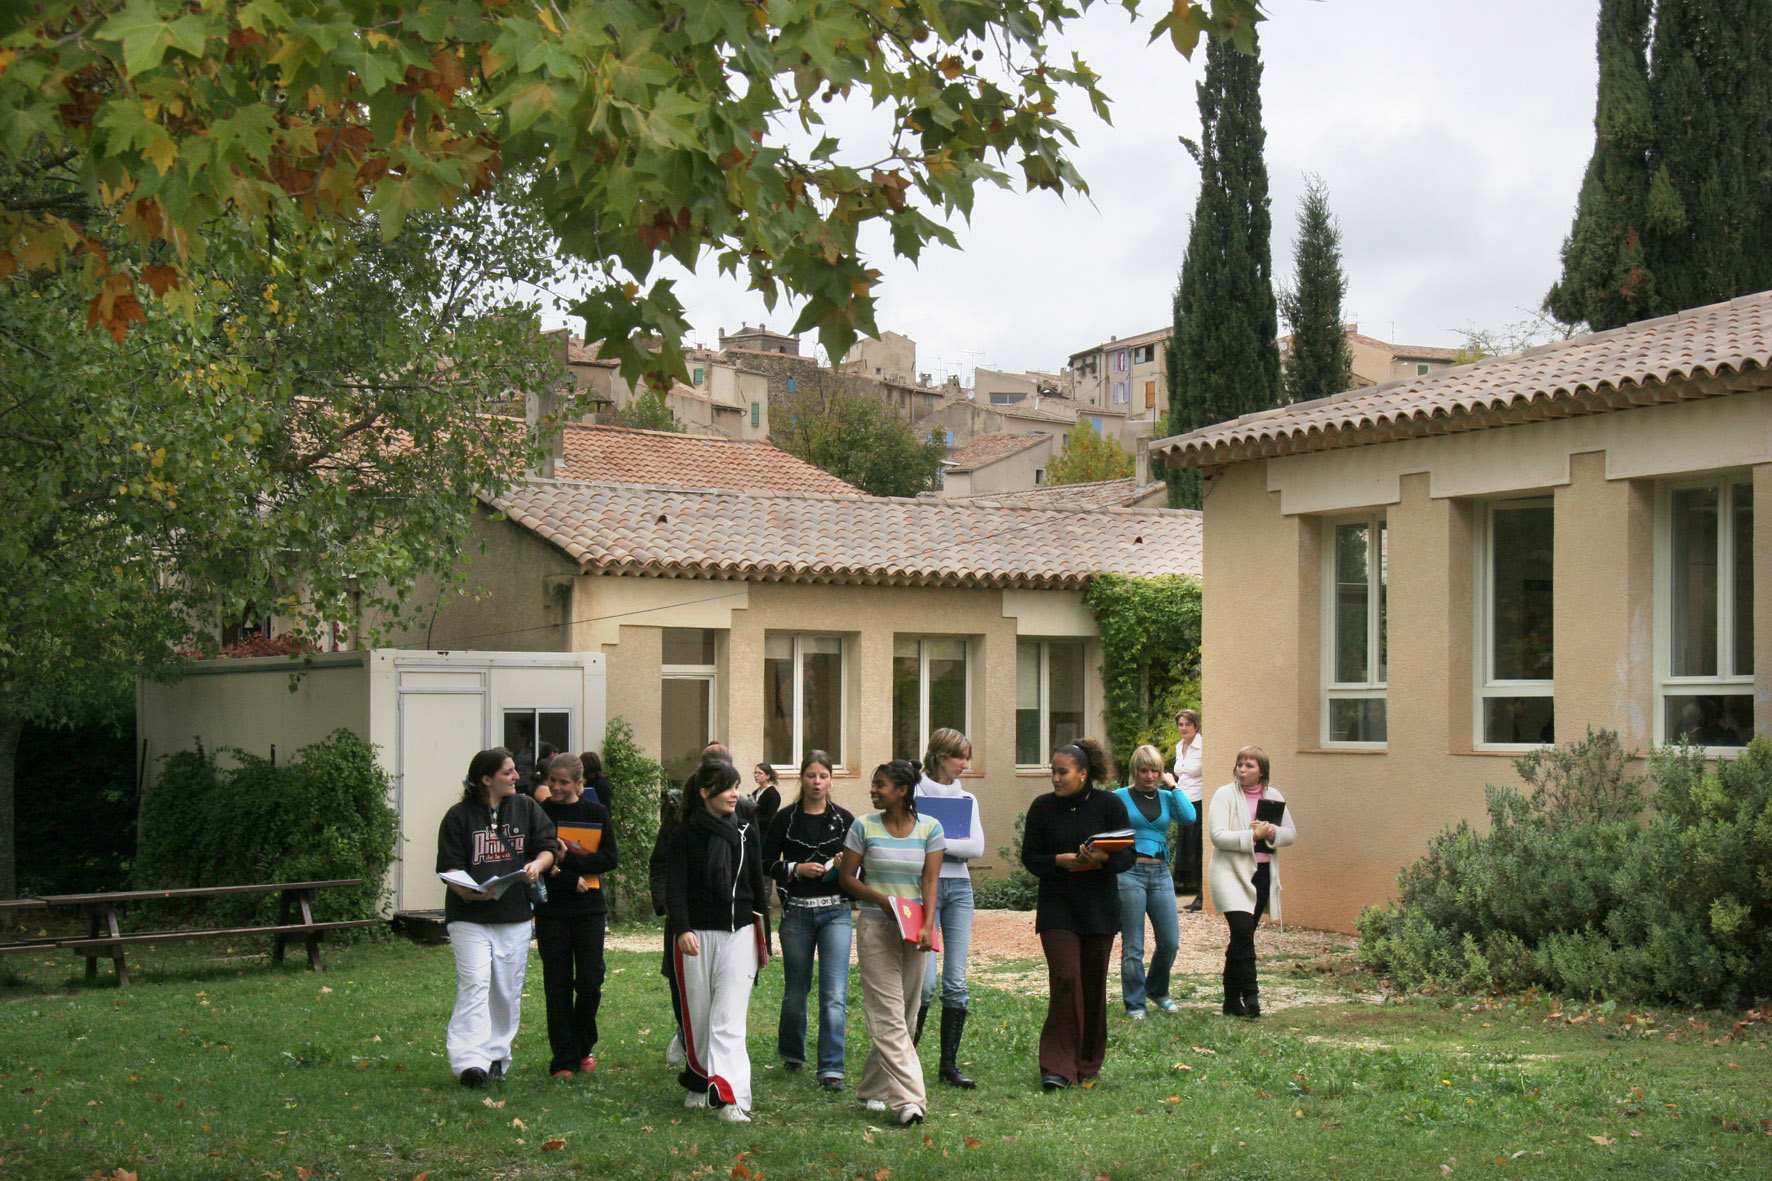 La mfr maison familiale rurale de la tour d 39 aigues for Construction de maison rurale